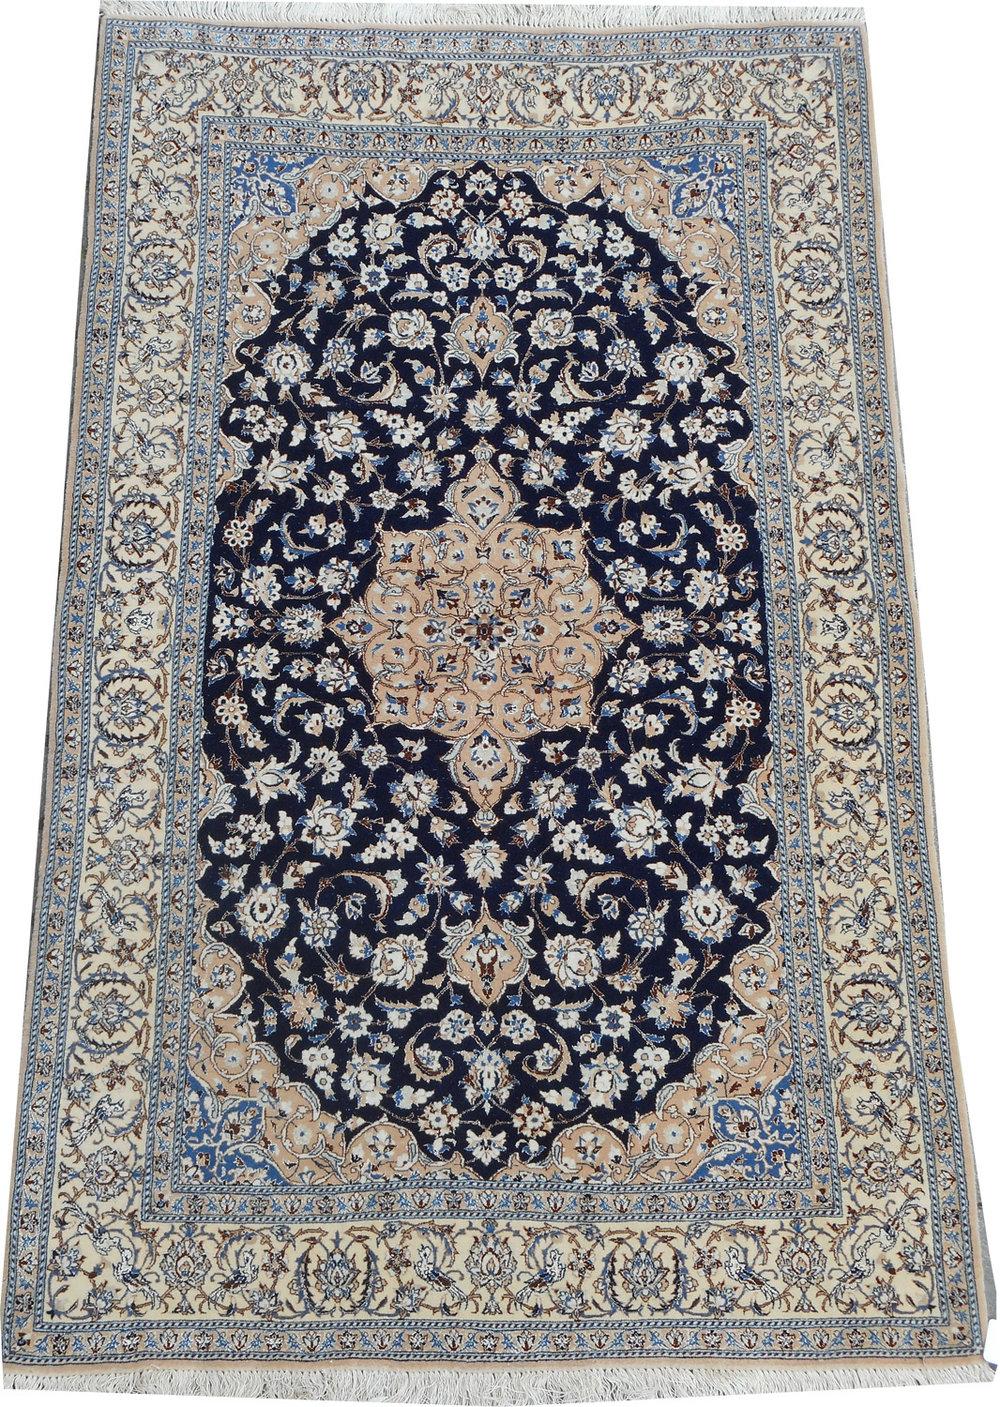 Naiin m. silke 194 x 117